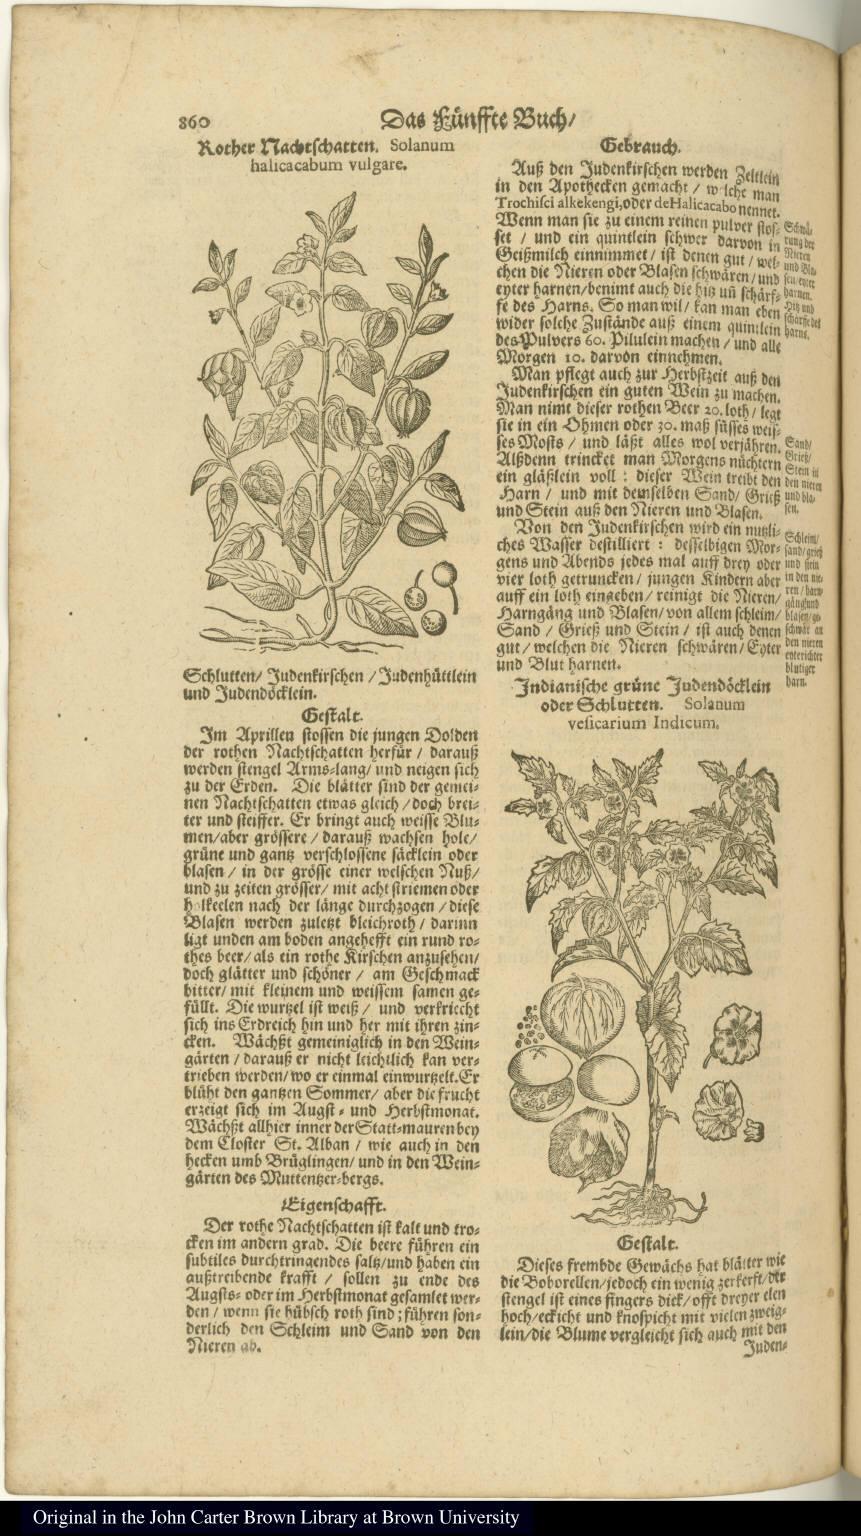 Indianische grüne Judendõcklein oder Schlutten. Solanum vesicarium Indicum.